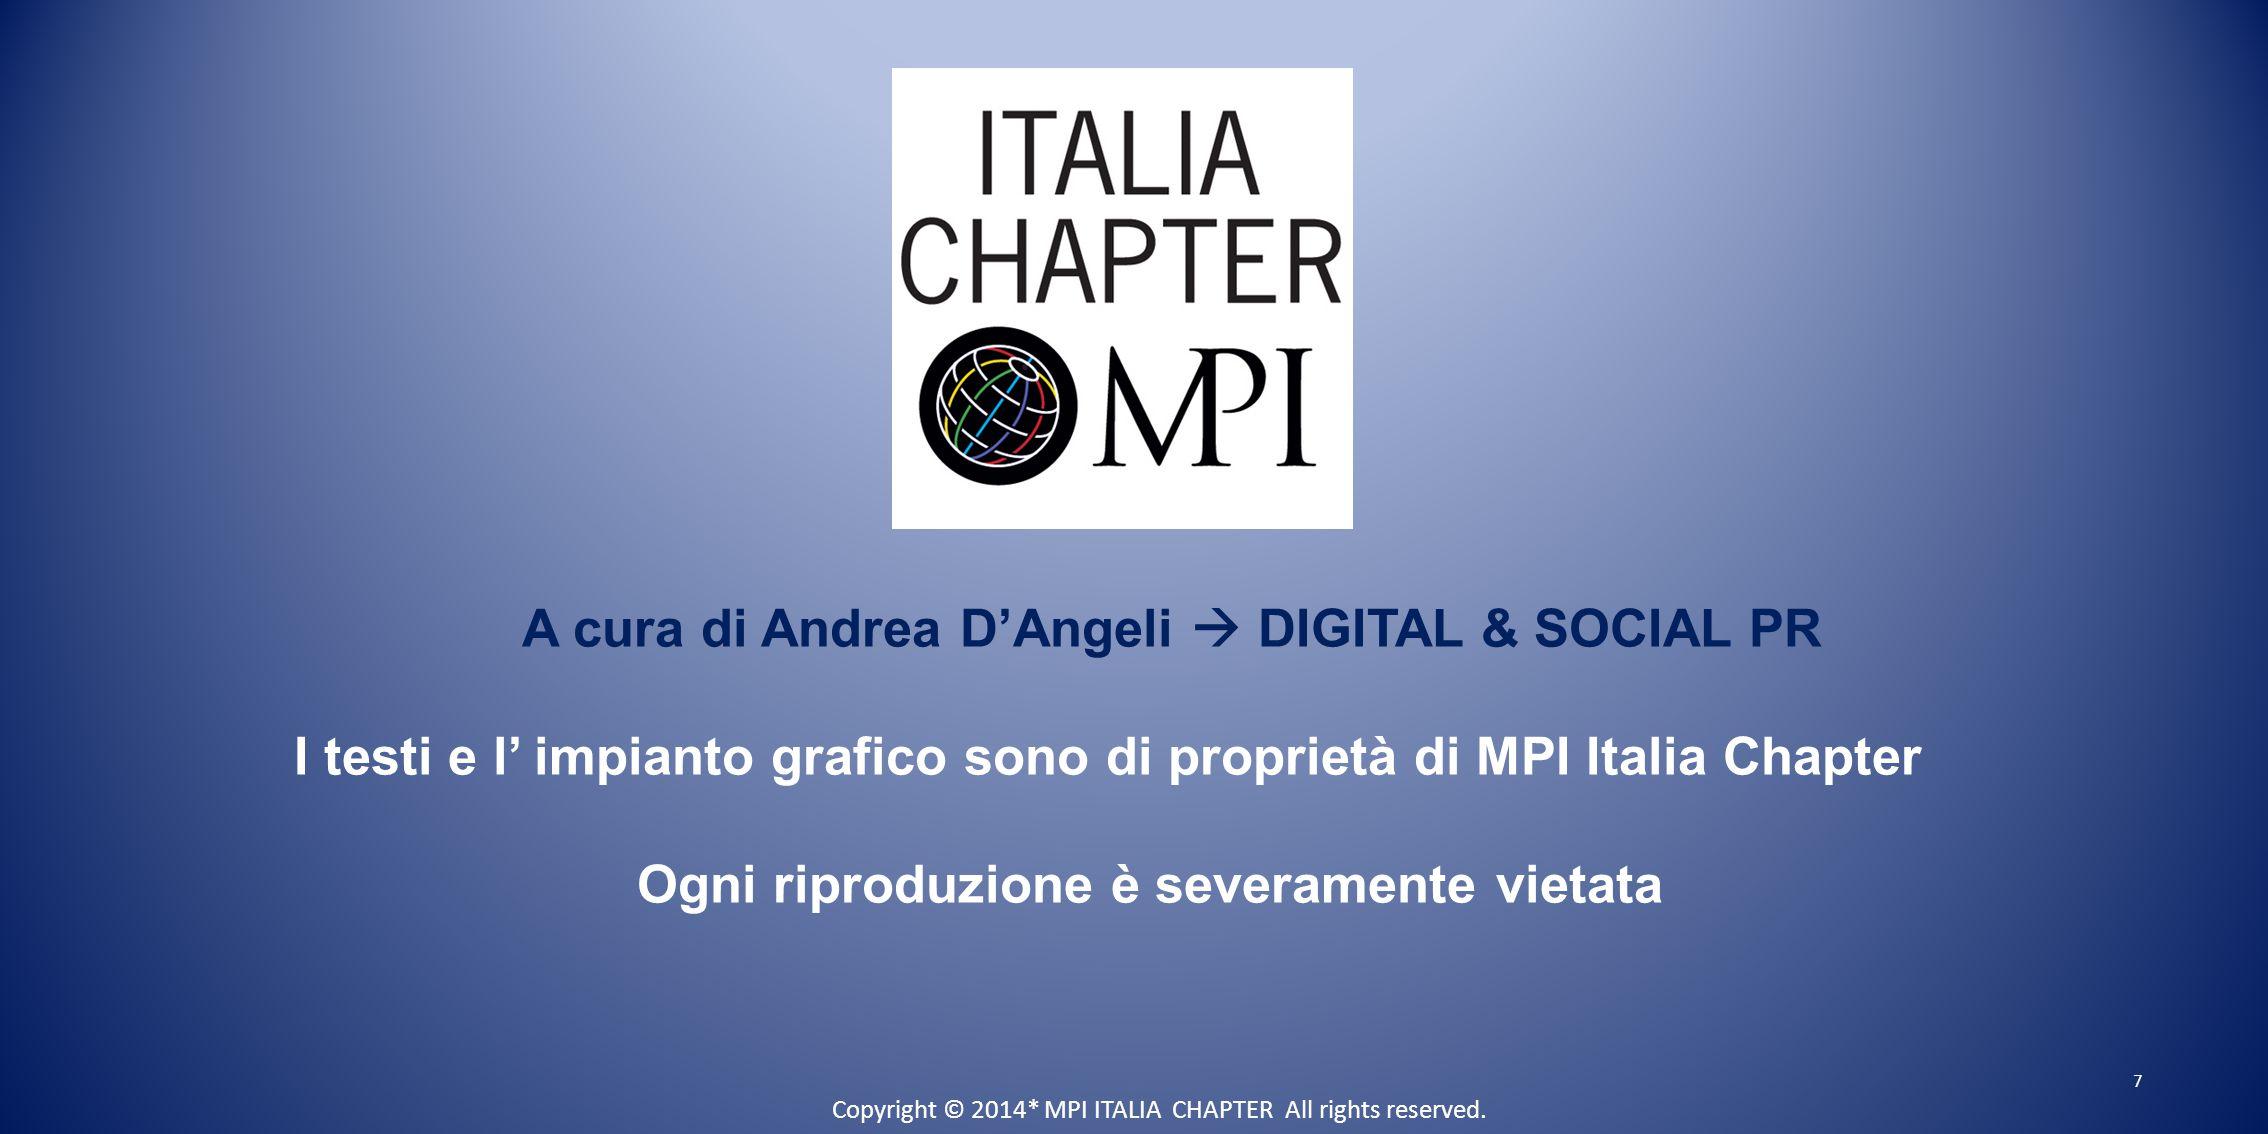 7 A cura di Andrea D'Angeli  DIGITAL & SOCIAL PR I testi e l' impianto grafico sono di proprietà di MPI Italia Chapter Ogni riproduzione è severamente vietata Copyright © 2014* MPI ITALIA CHAPTER All rights reserved.